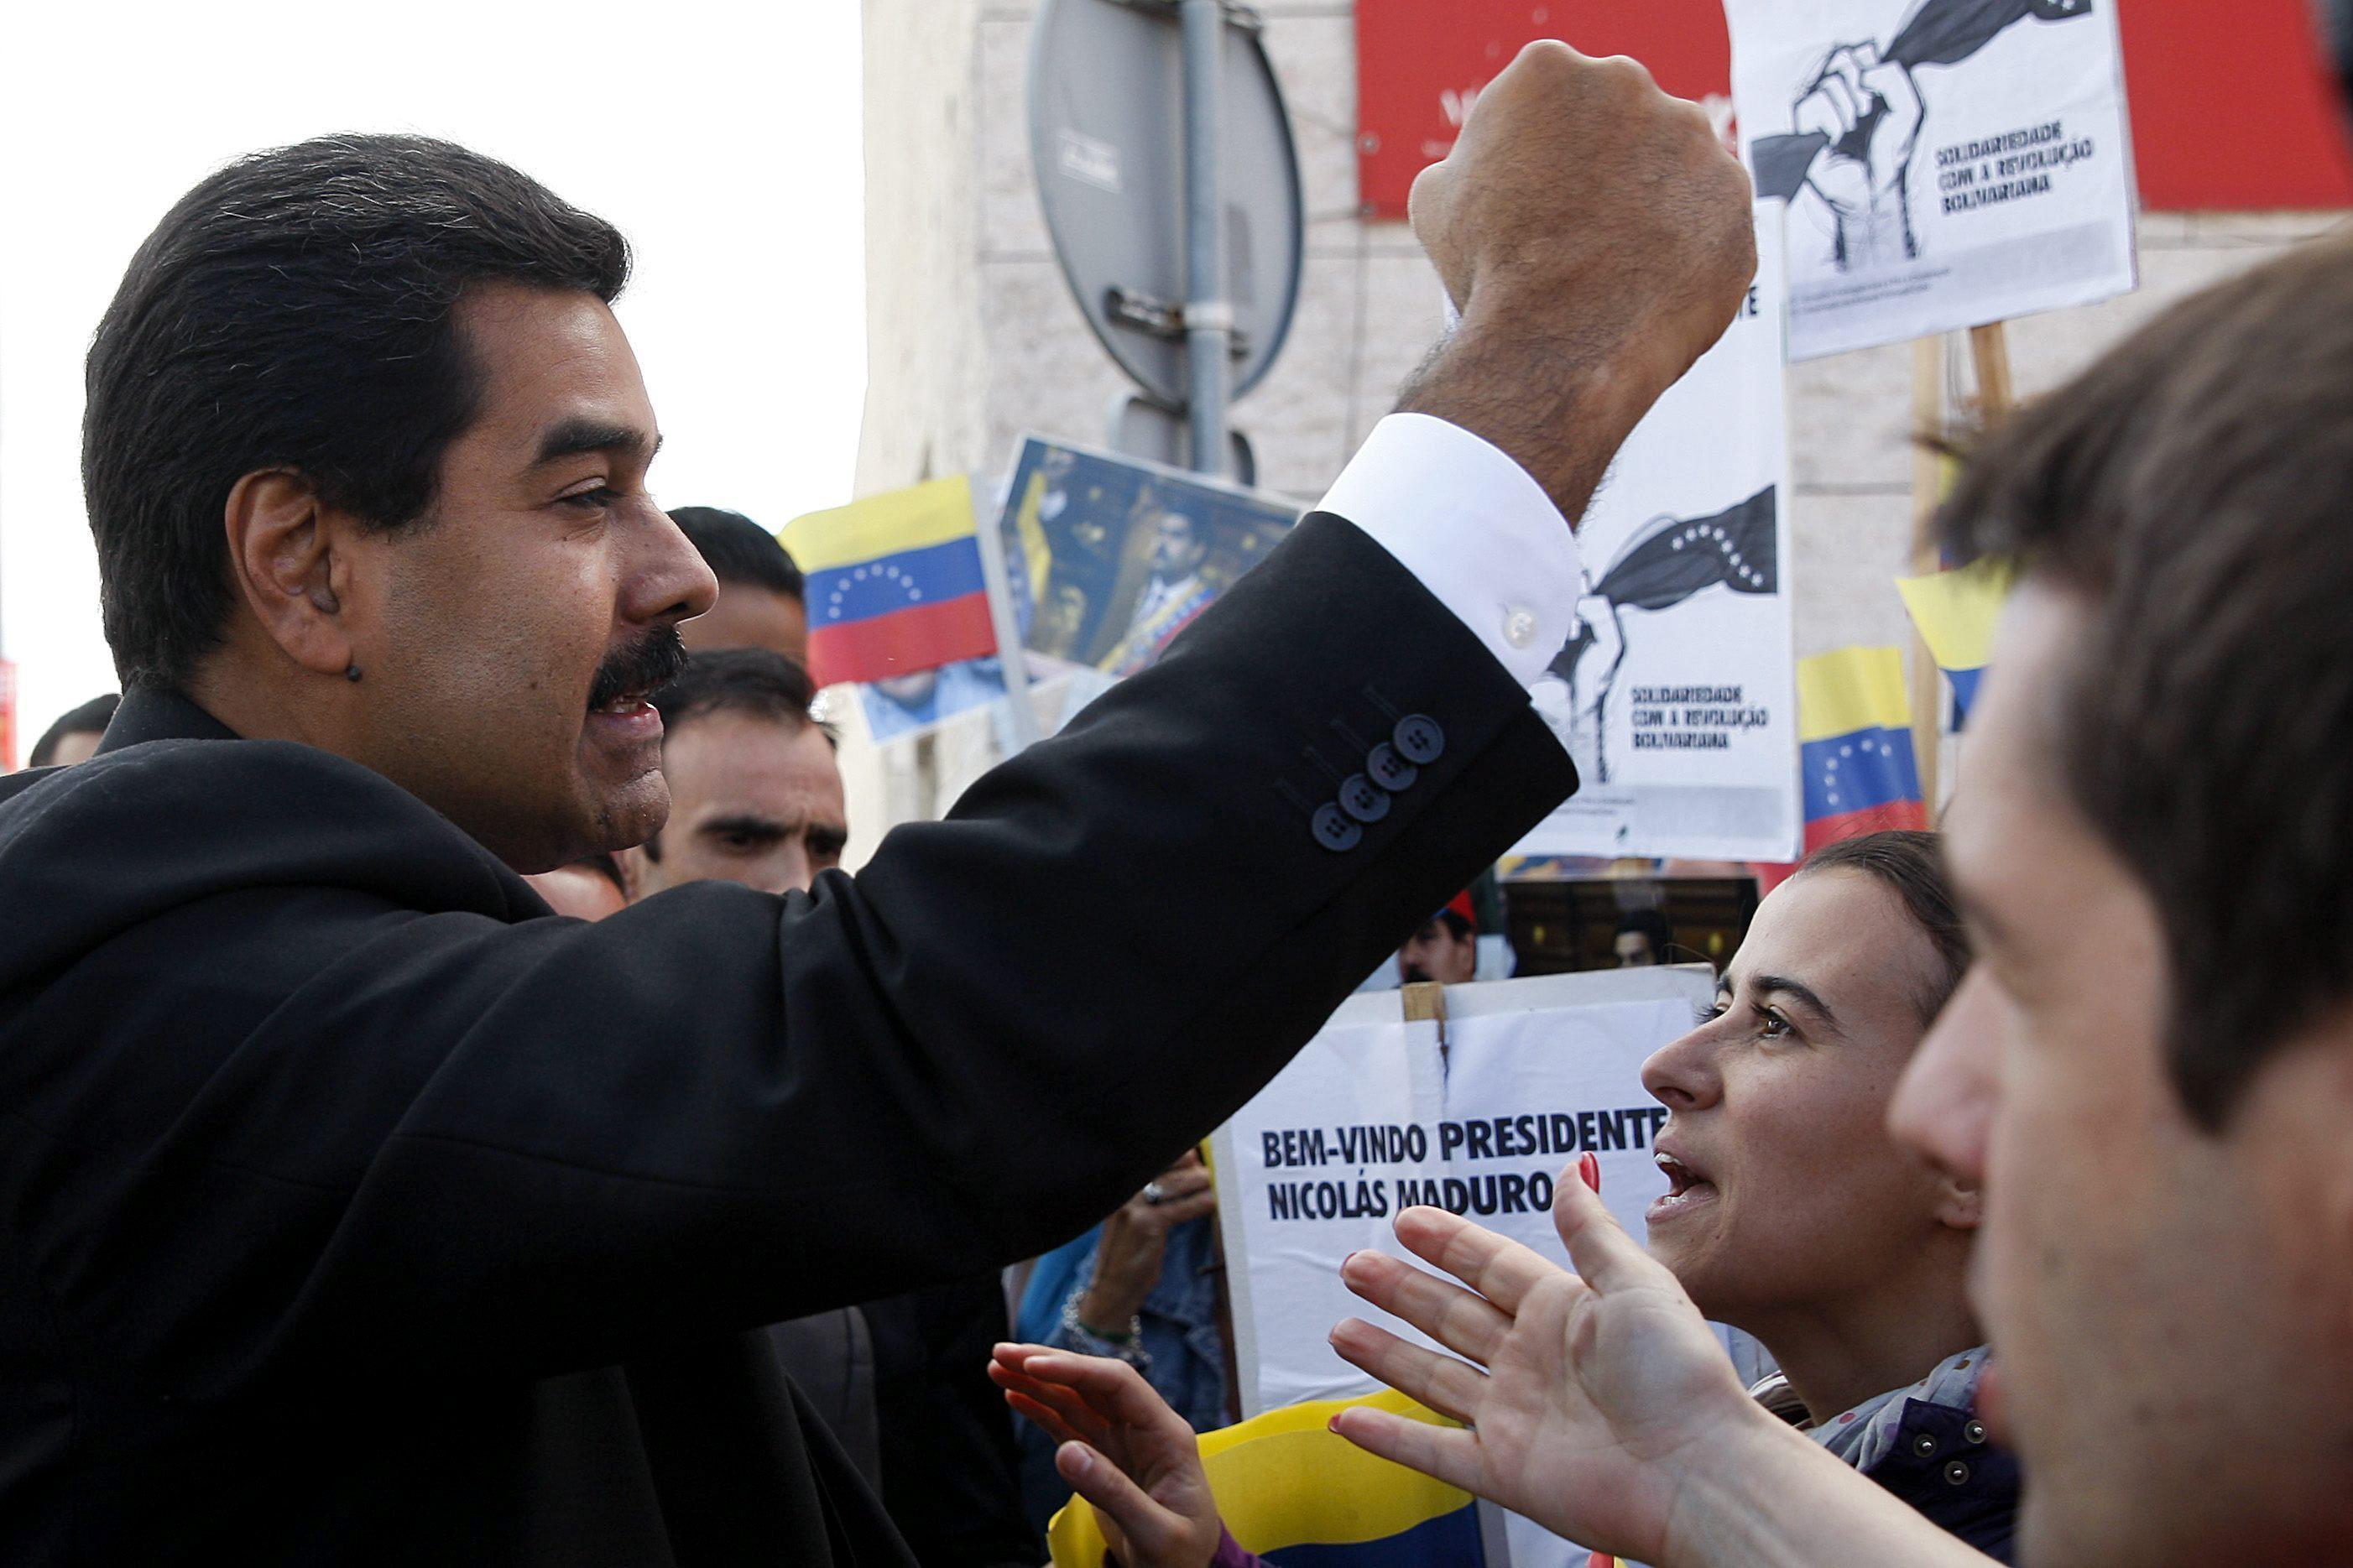 Un diario ruso dice que Maduro podría llevarse a Snowden a Venezuela